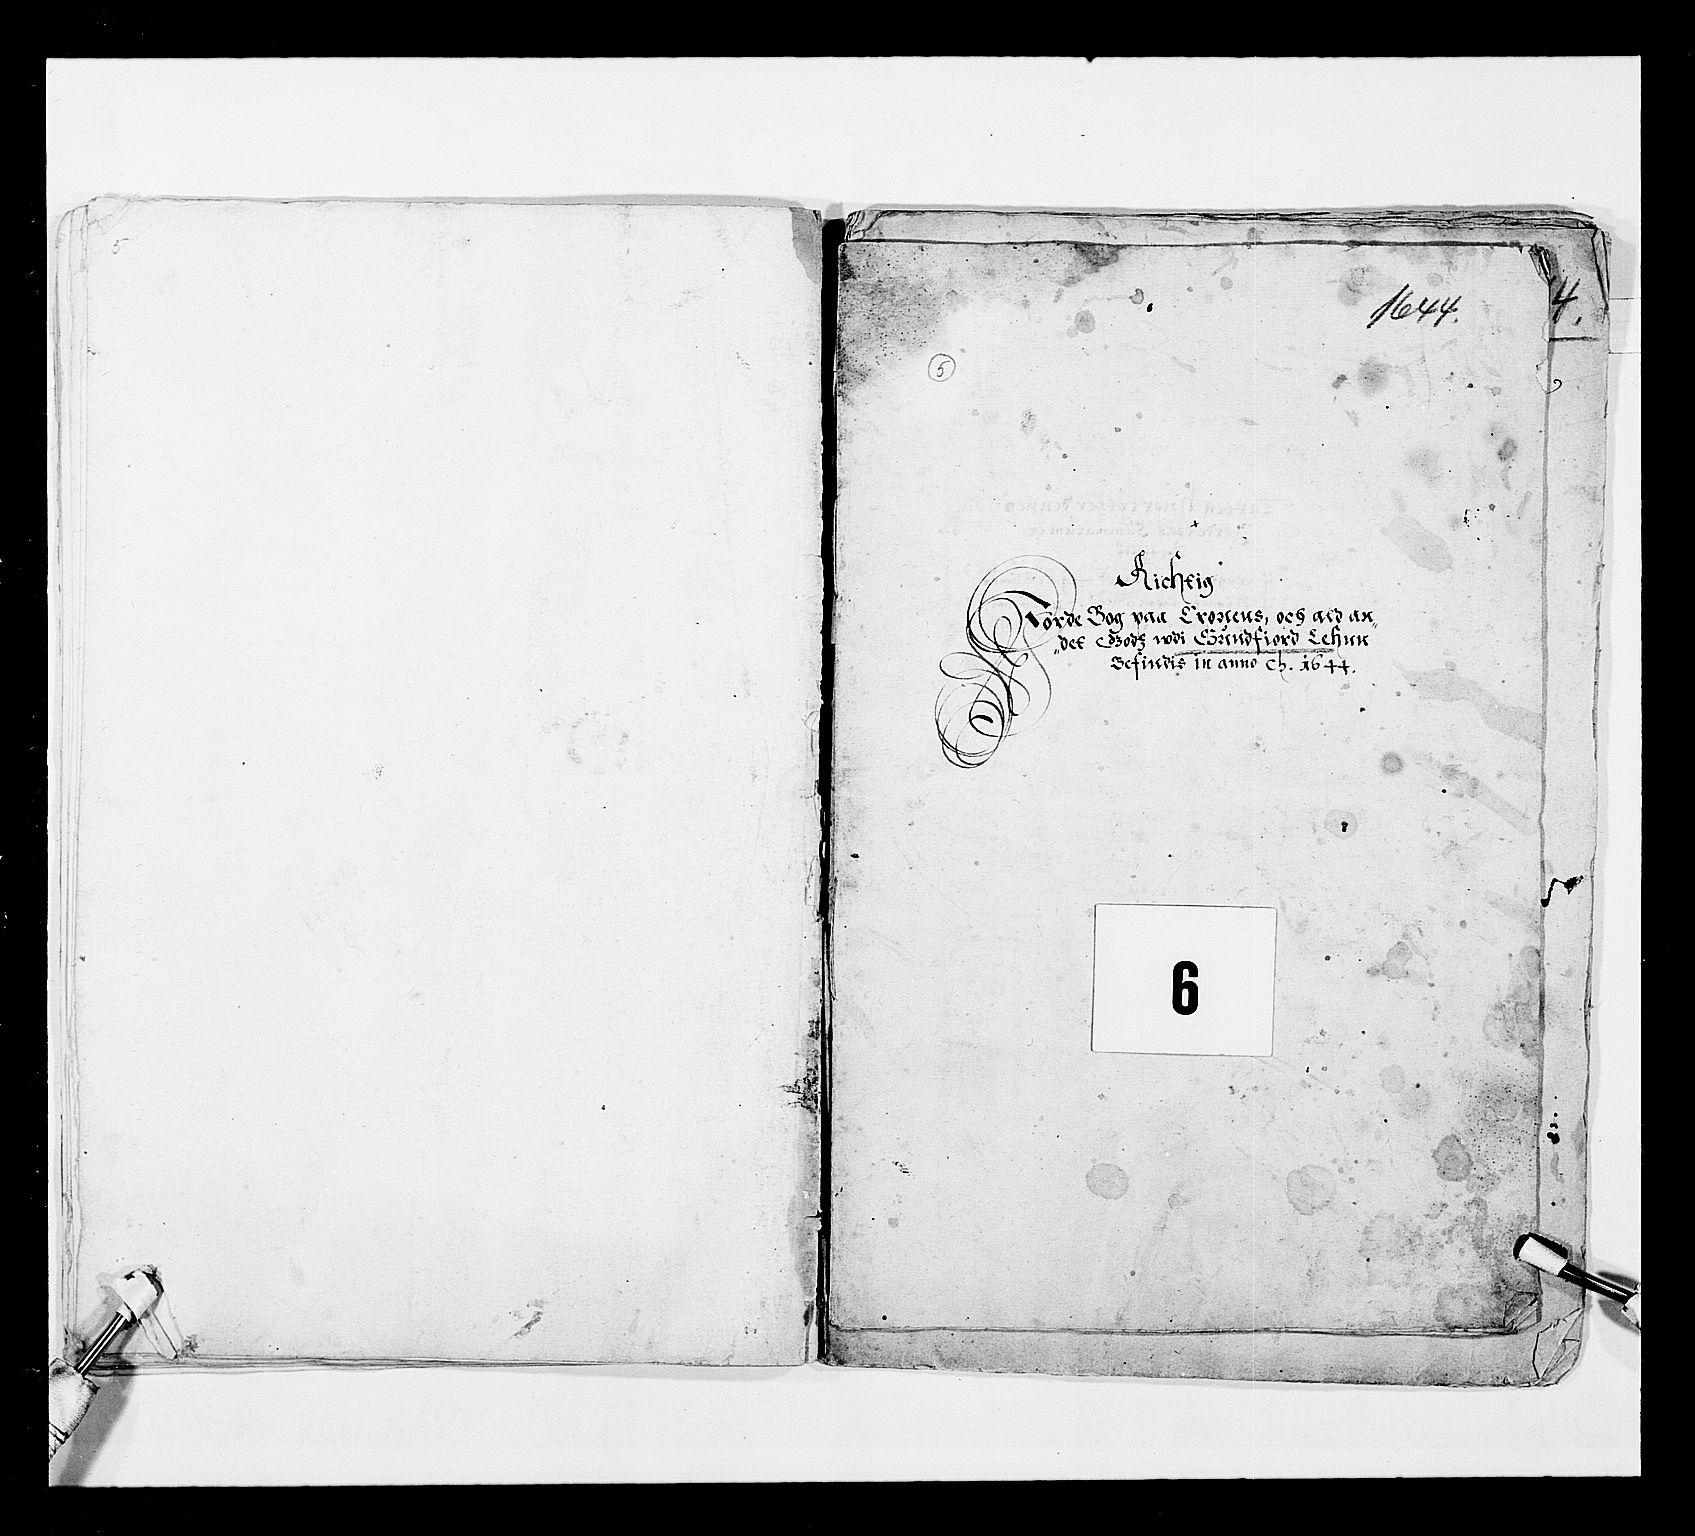 RA, Stattholderembetet 1572-1771, Ek/L0024: Jordebøker 1633-1658:, 1644, s. 41